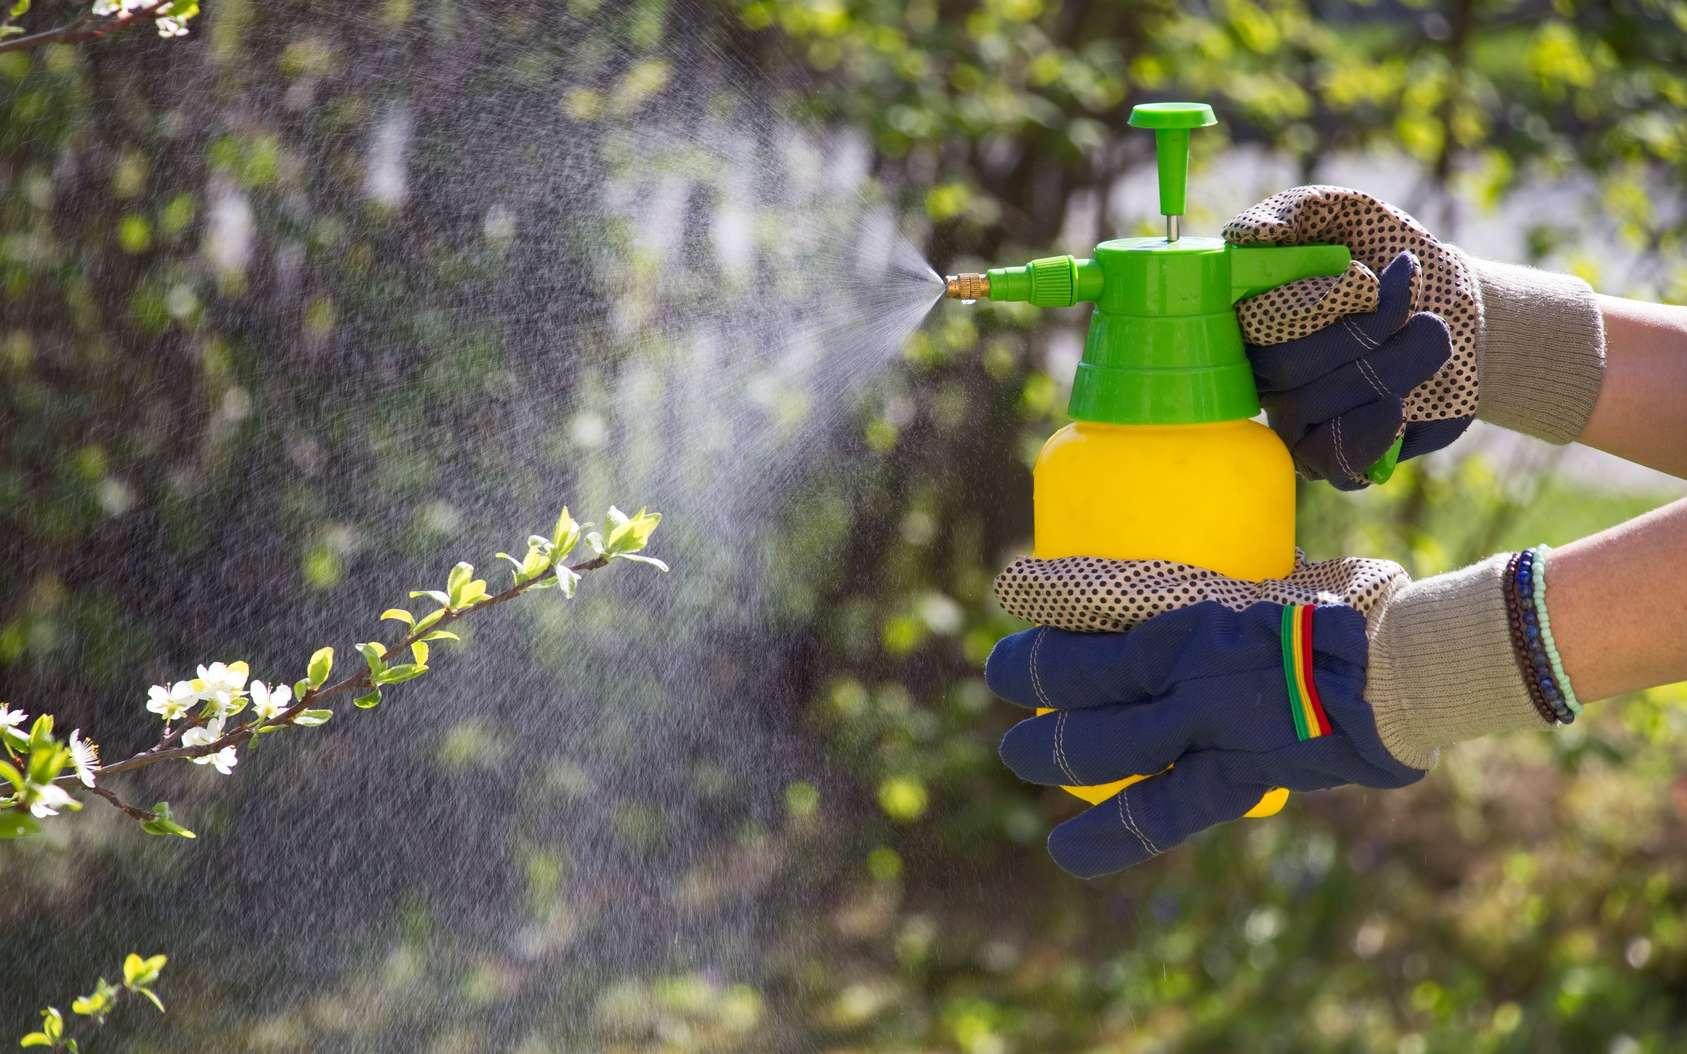 La deltaméthrine est un insecticide utilisé en agriculture. © encierro, Fotolia